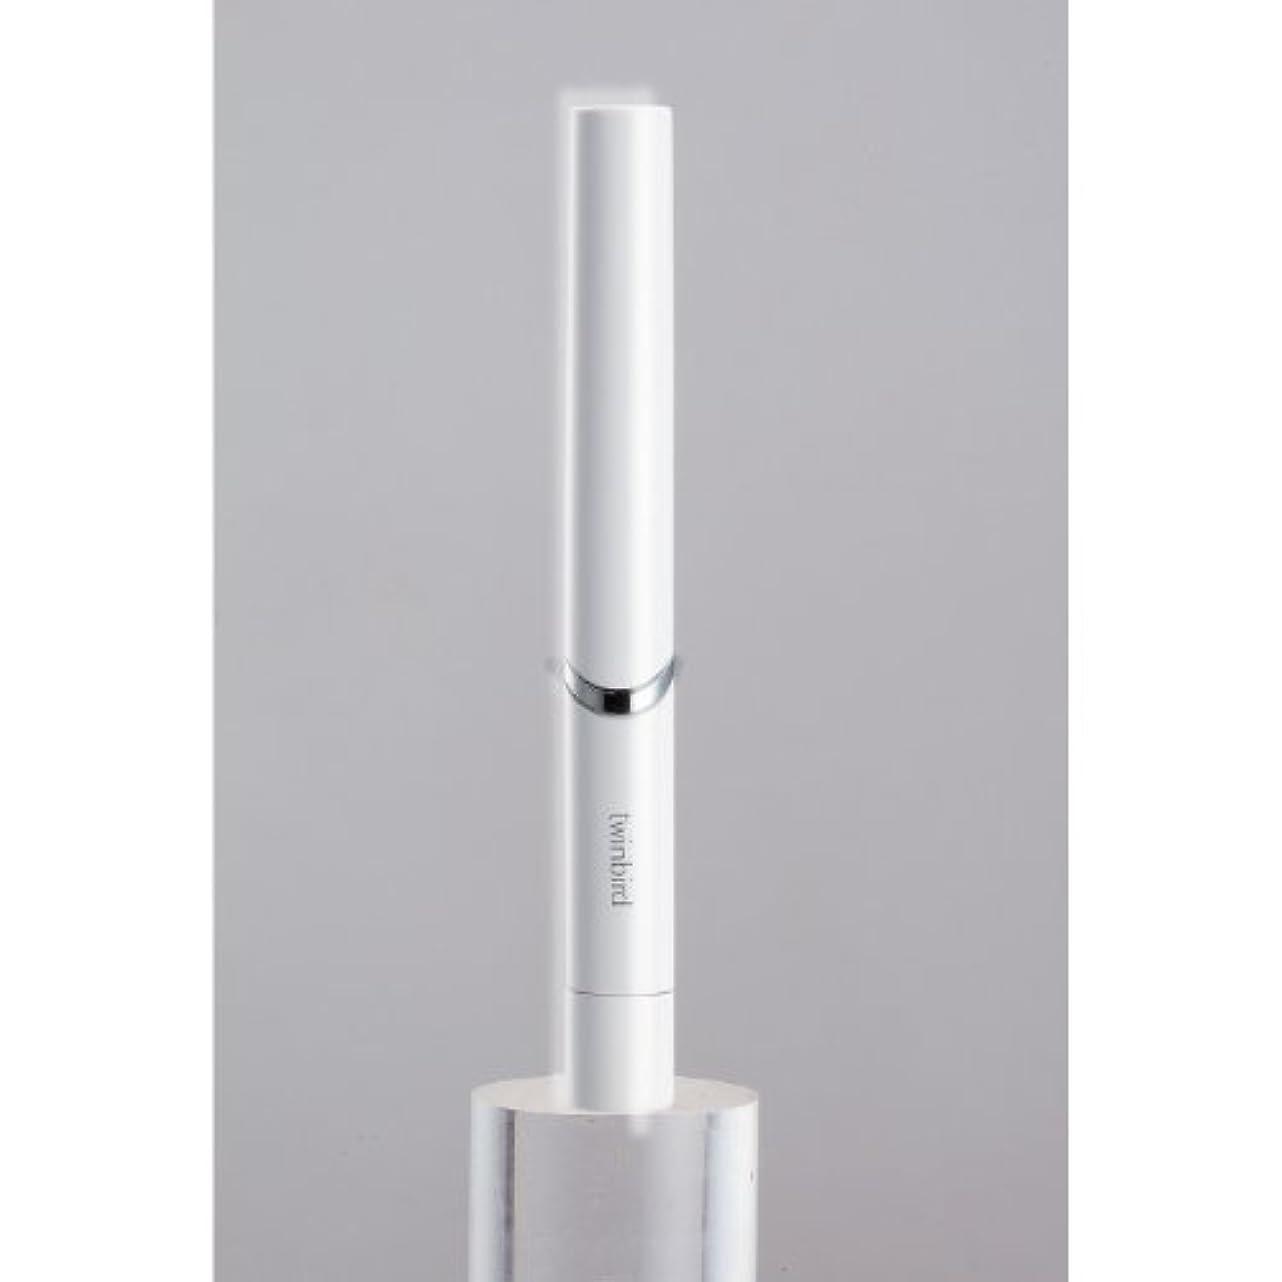 遮る同級生聖職者ツインバード 音波振動式歯ブラシ BD-2741 ホワイト?BD-2741W